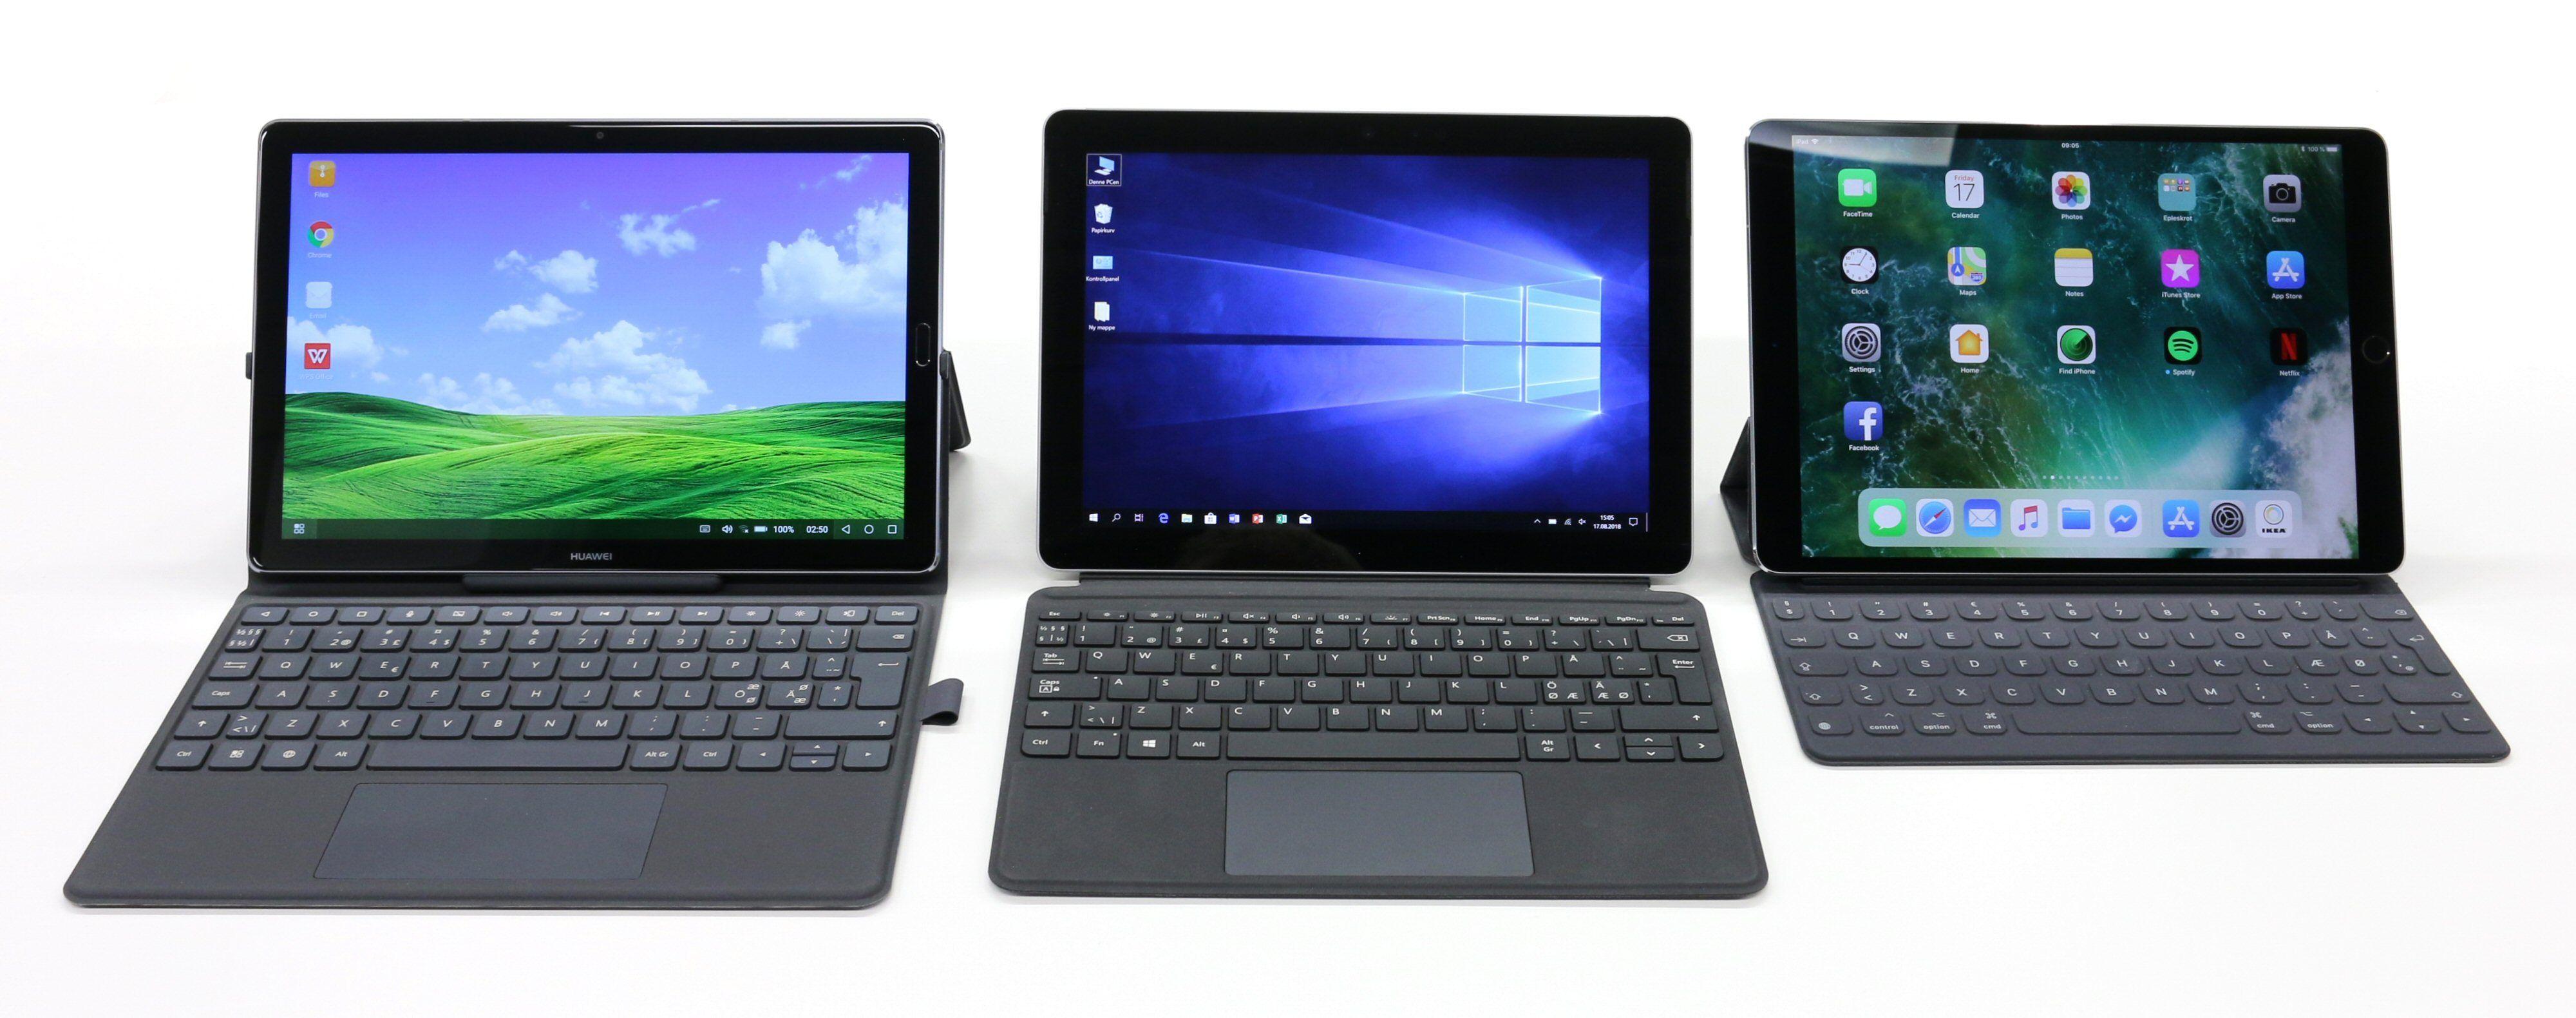 Surface Go i midten og to nettbrett-alternativ: Huawei MediaPad M5 med Android til venstre og Apple iPad Pro 10.5 med iOS til høyre.